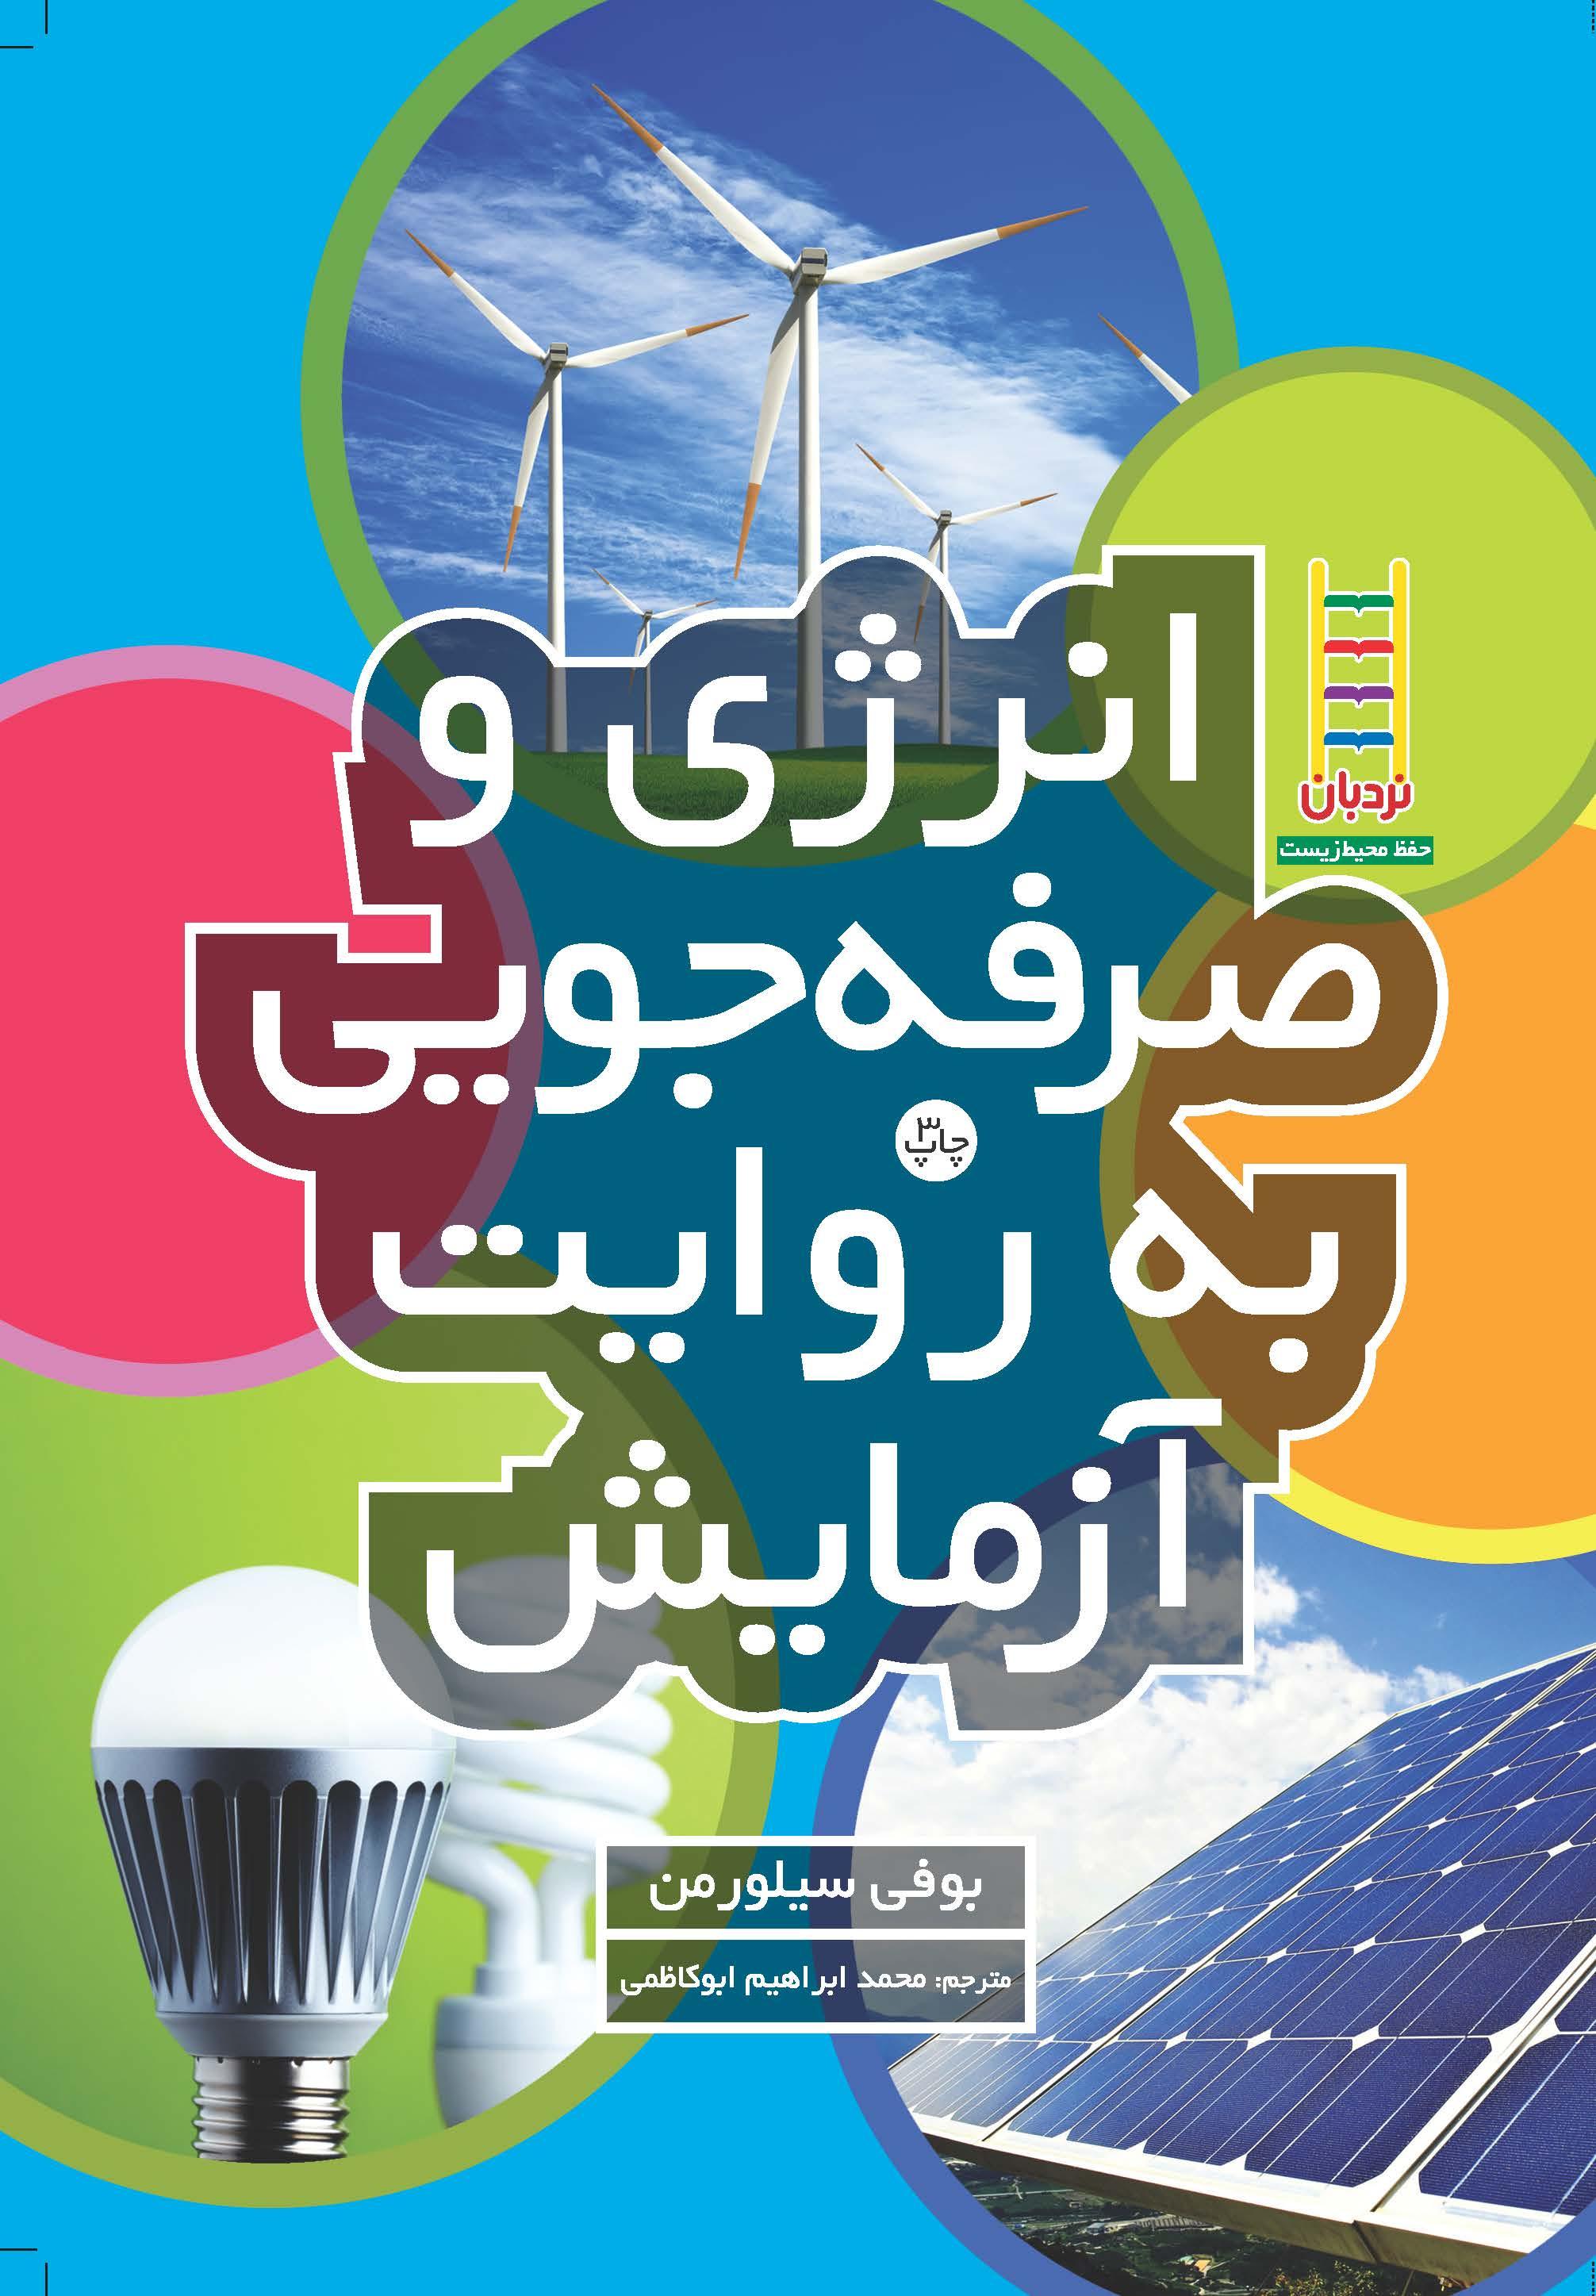 انرژی و صرفهجویی به روایت آزمایش...